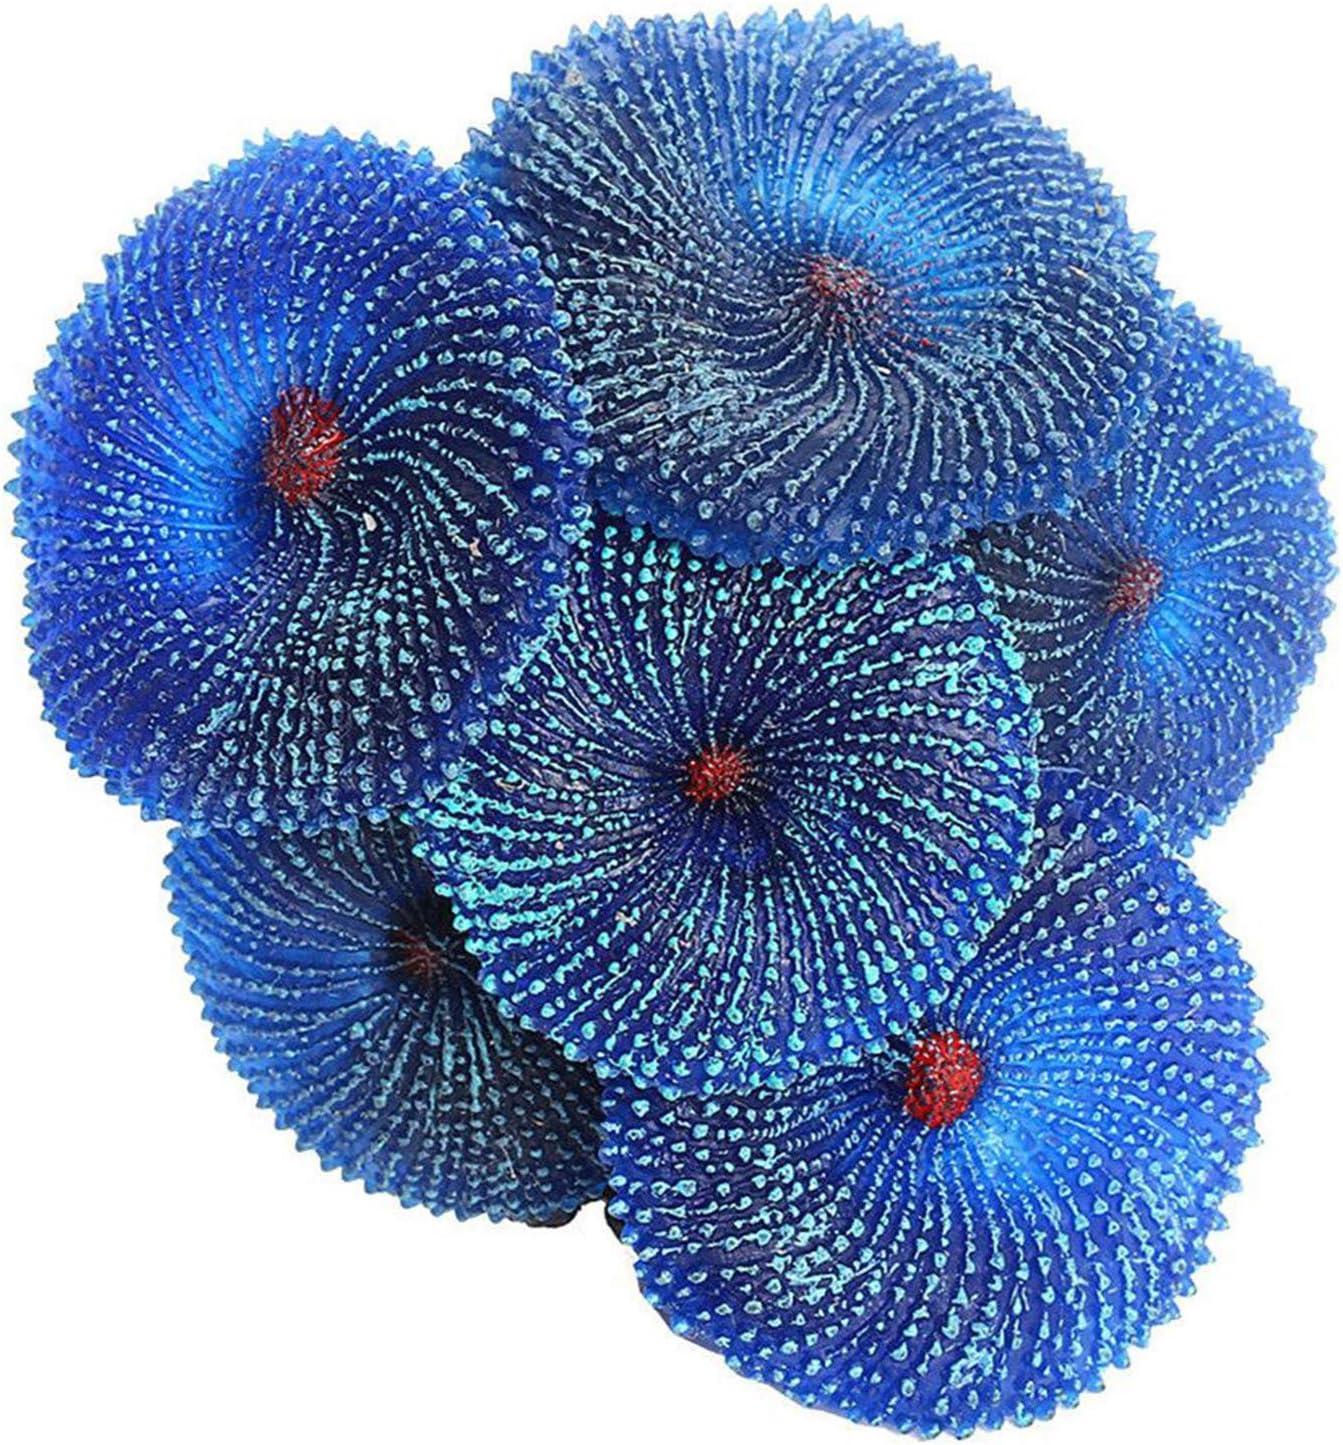 N \ A Aquarium Artificial Resin Sea Long Beach Mall Ta Ornament Plant Coral Fish Sale